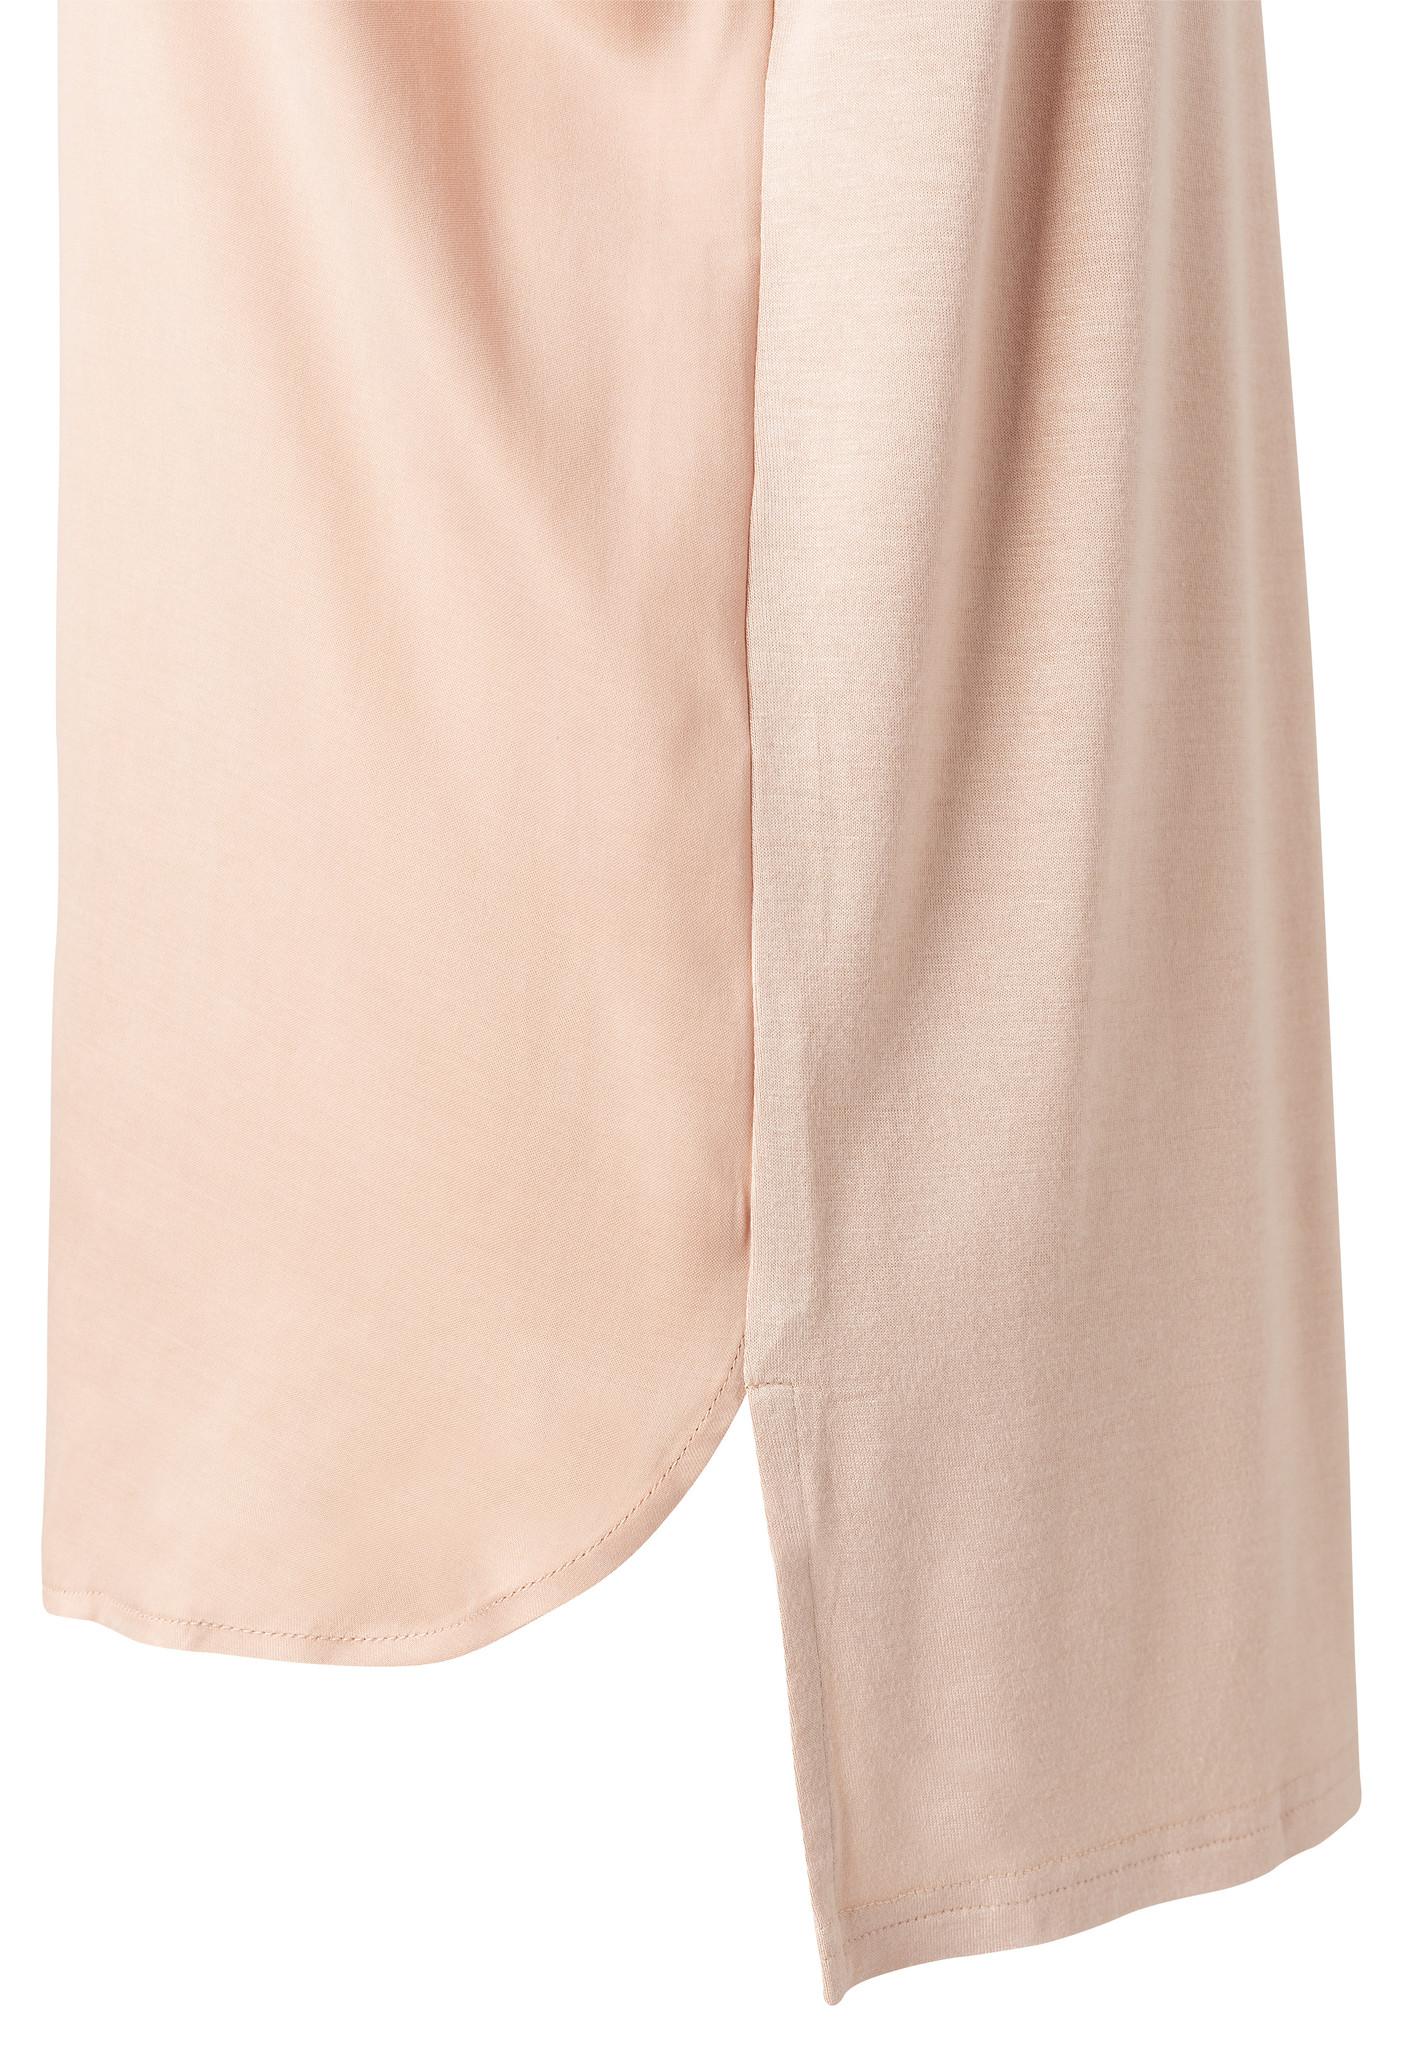 yaya Cupro blend fabric m 1901116-113-3